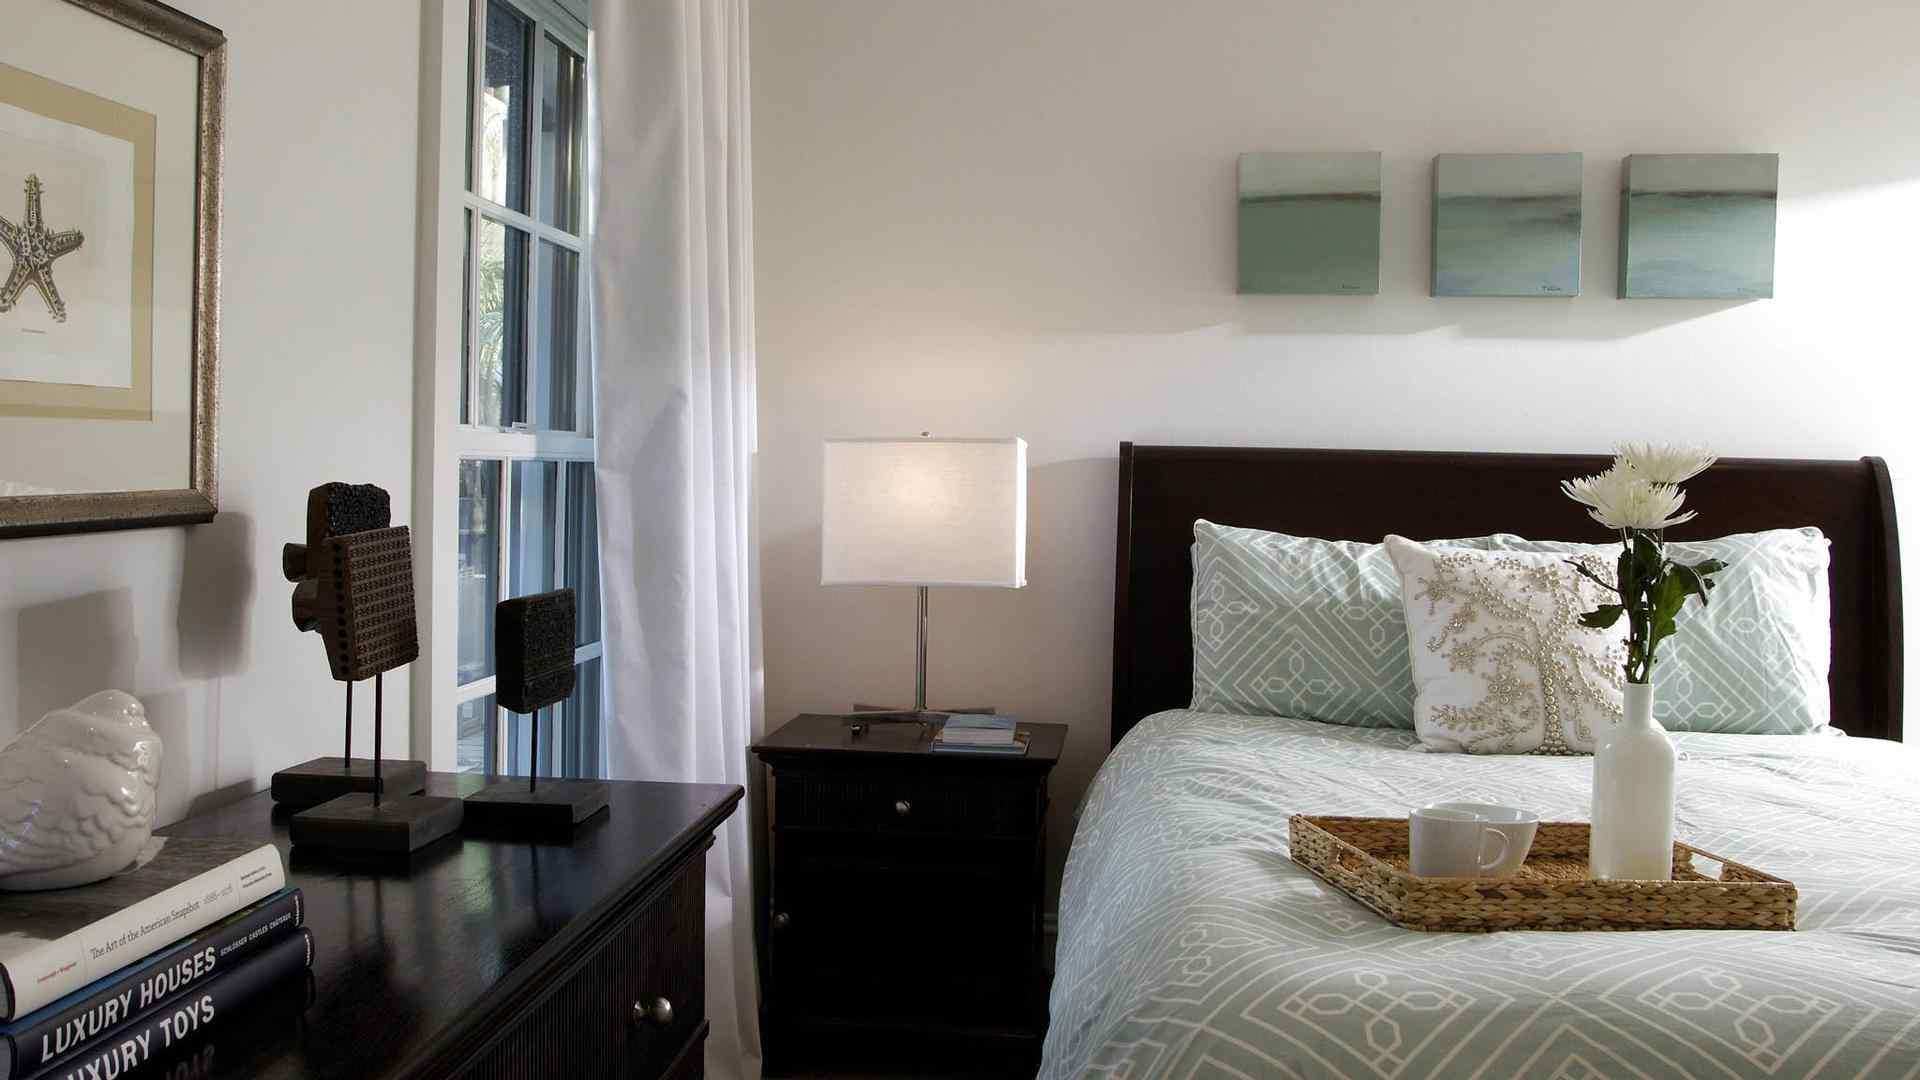 简约清新的室内装潢图电脑高清桌面壁纸6下载